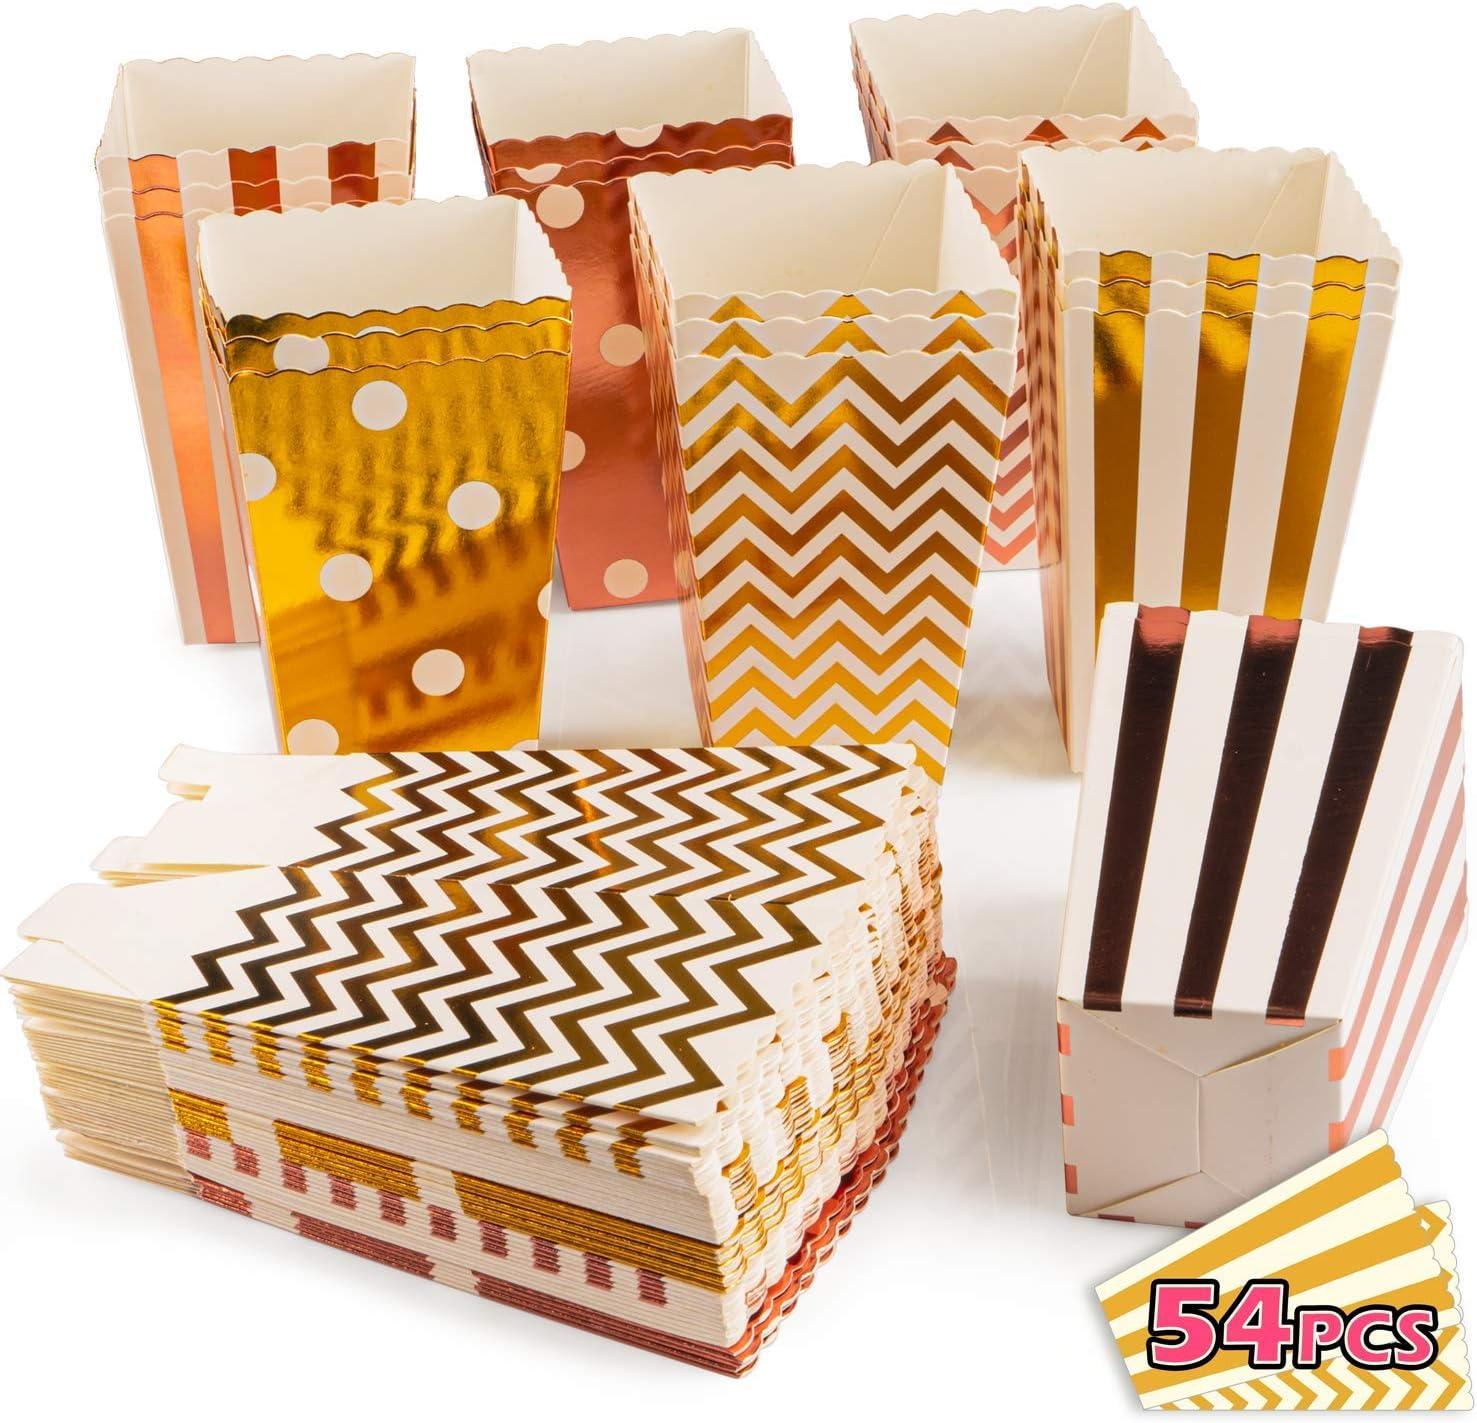 VIBIRIT Paquete de 54 Cajas de Palomitas de maíz, cartón de Grado ...